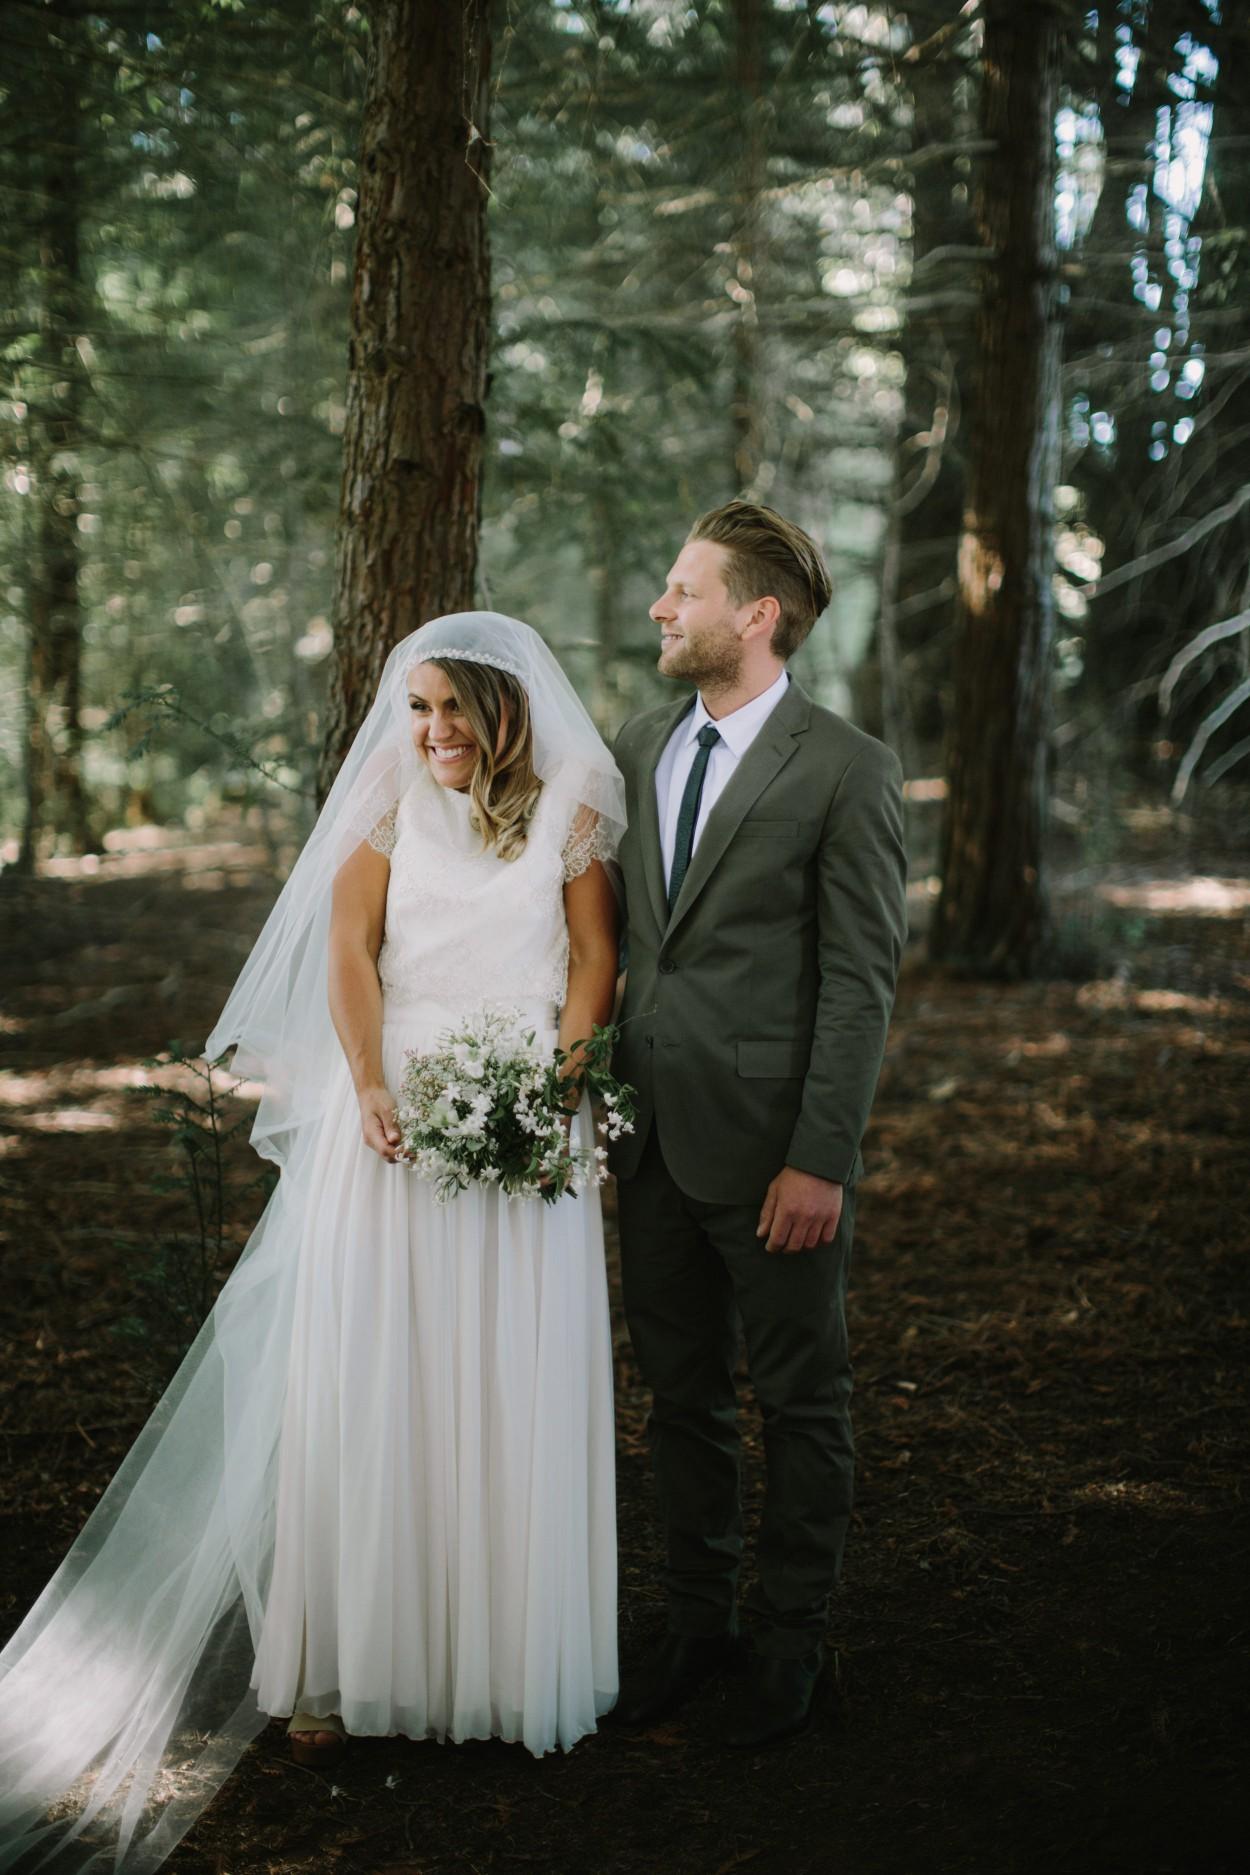 I-Got-You-Babe-Weddings-Hawkes-Bay-NZ-Wedding-Aleisha-Rolly094.jpg